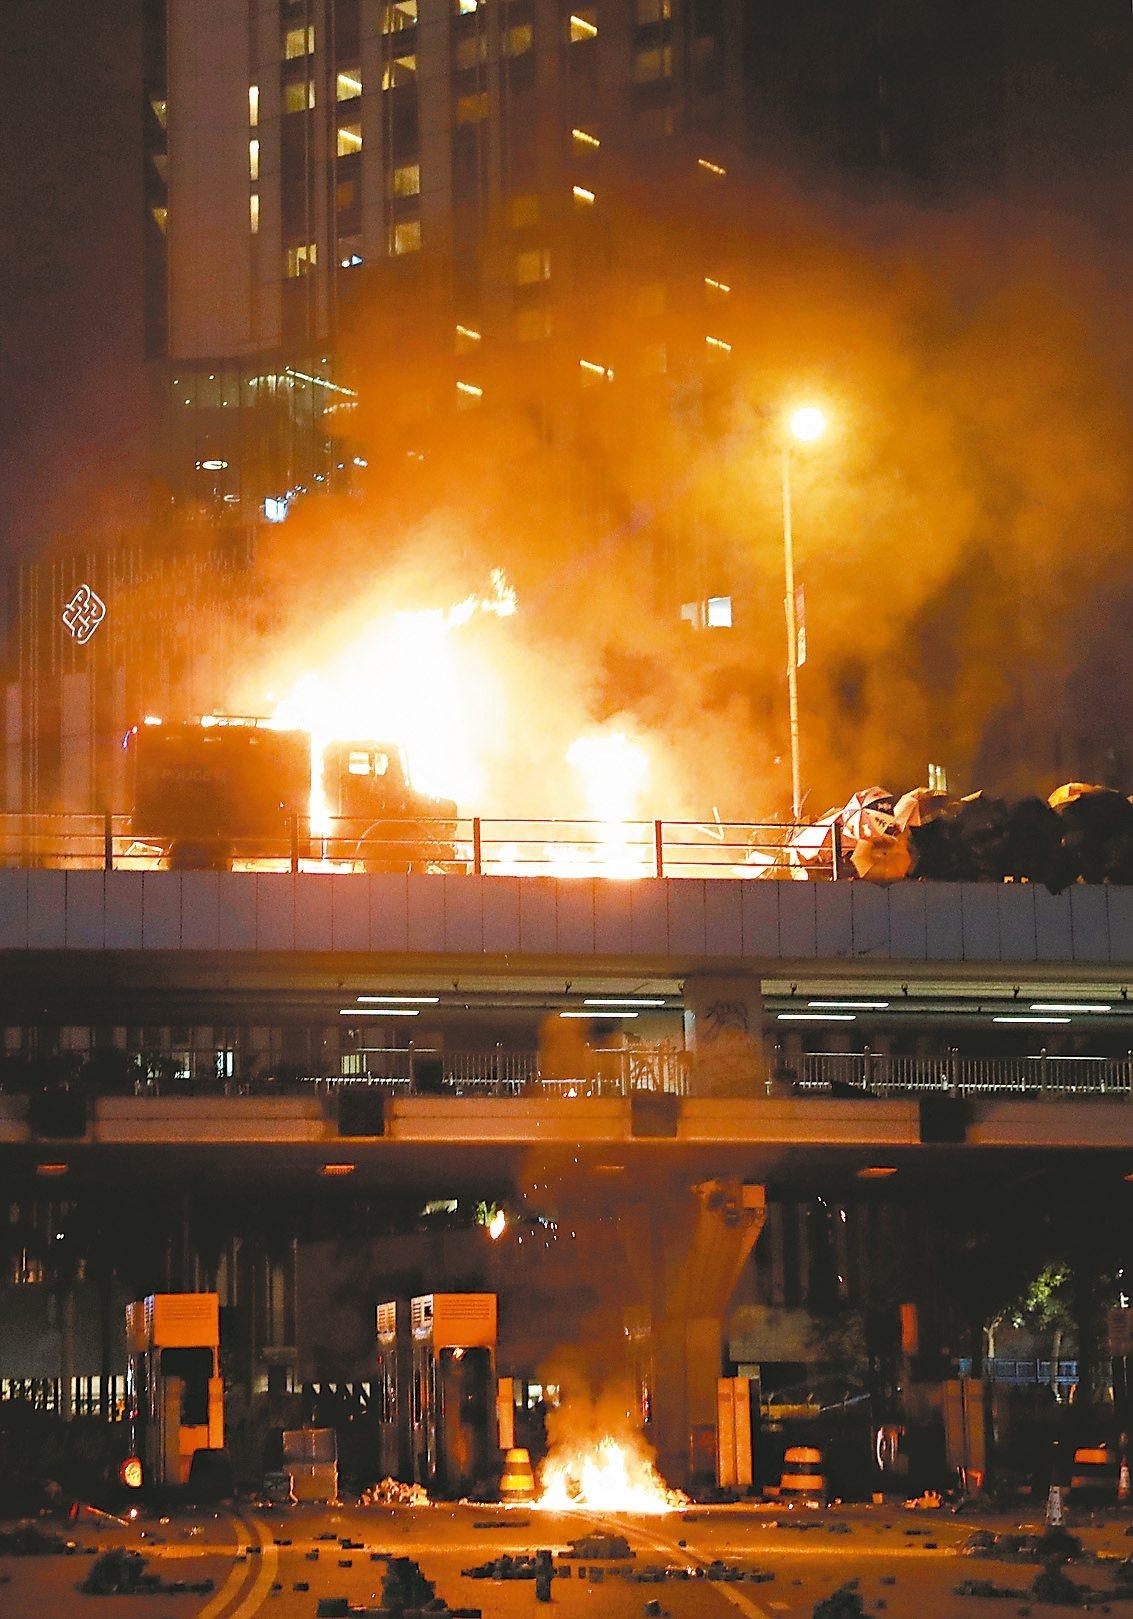 香港反送中示威者昨天與警方在理工大學外爆發激烈衝突,示威者向港警投擲汽油彈,造成...